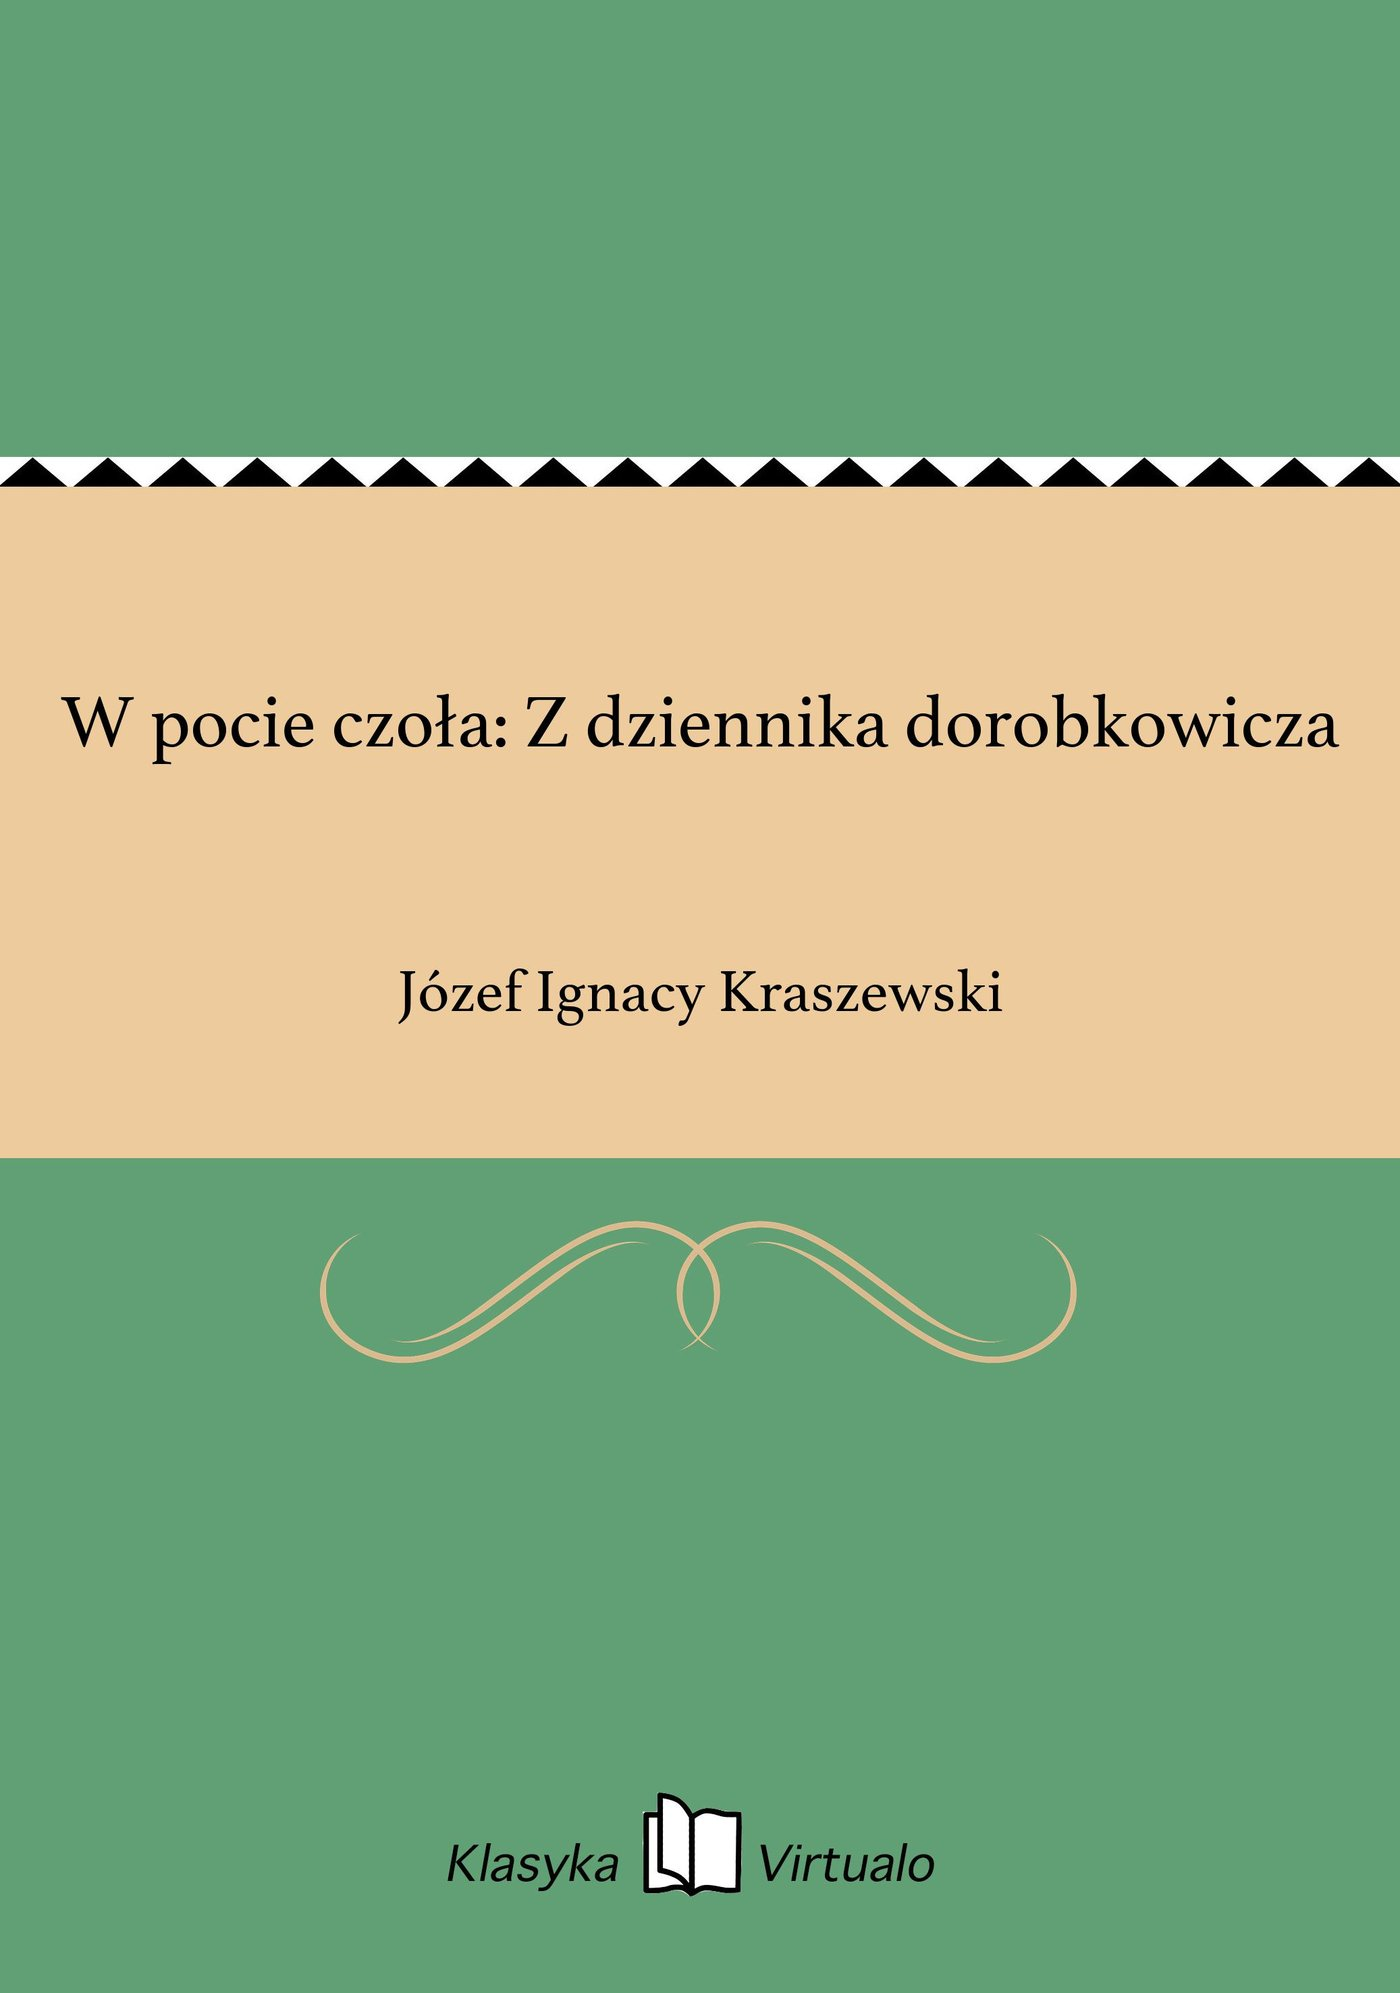 W pocie czoła: Z dziennika dorobkowicza - Ebook (Książka EPUB) do pobrania w formacie EPUB